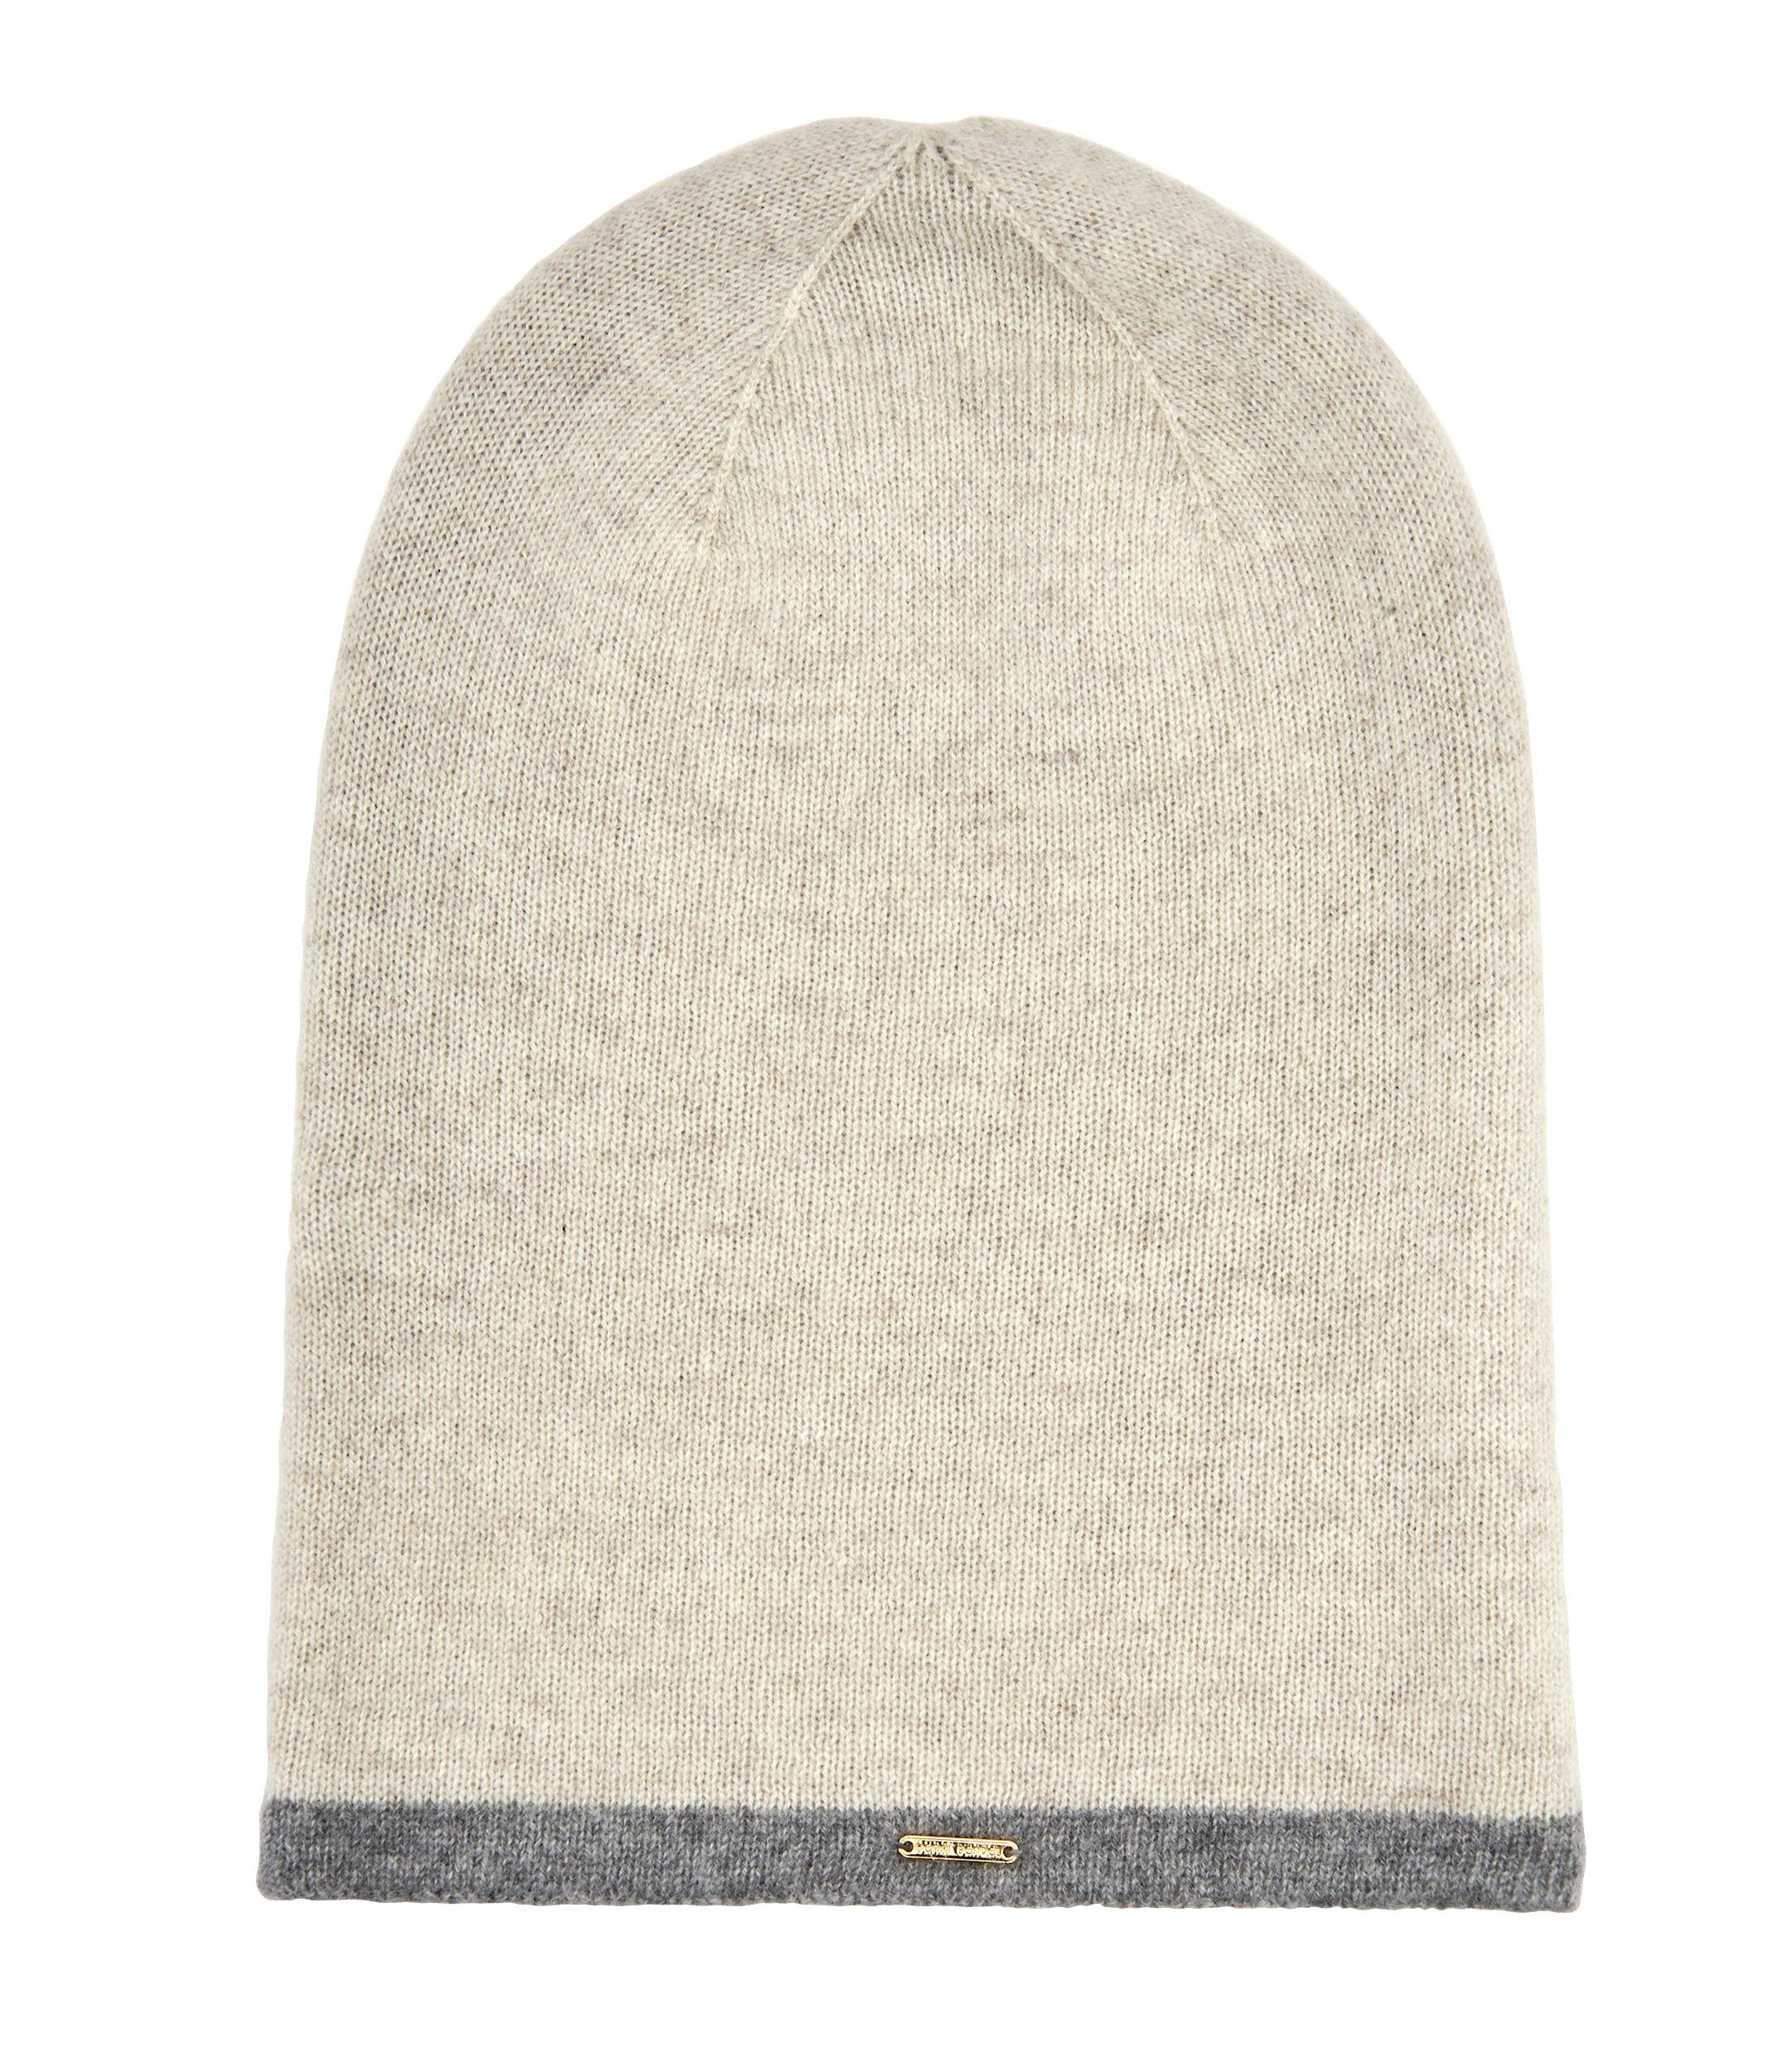 31c1d260abe Lyst - Henri Bendel Cashmere Hat in Natural